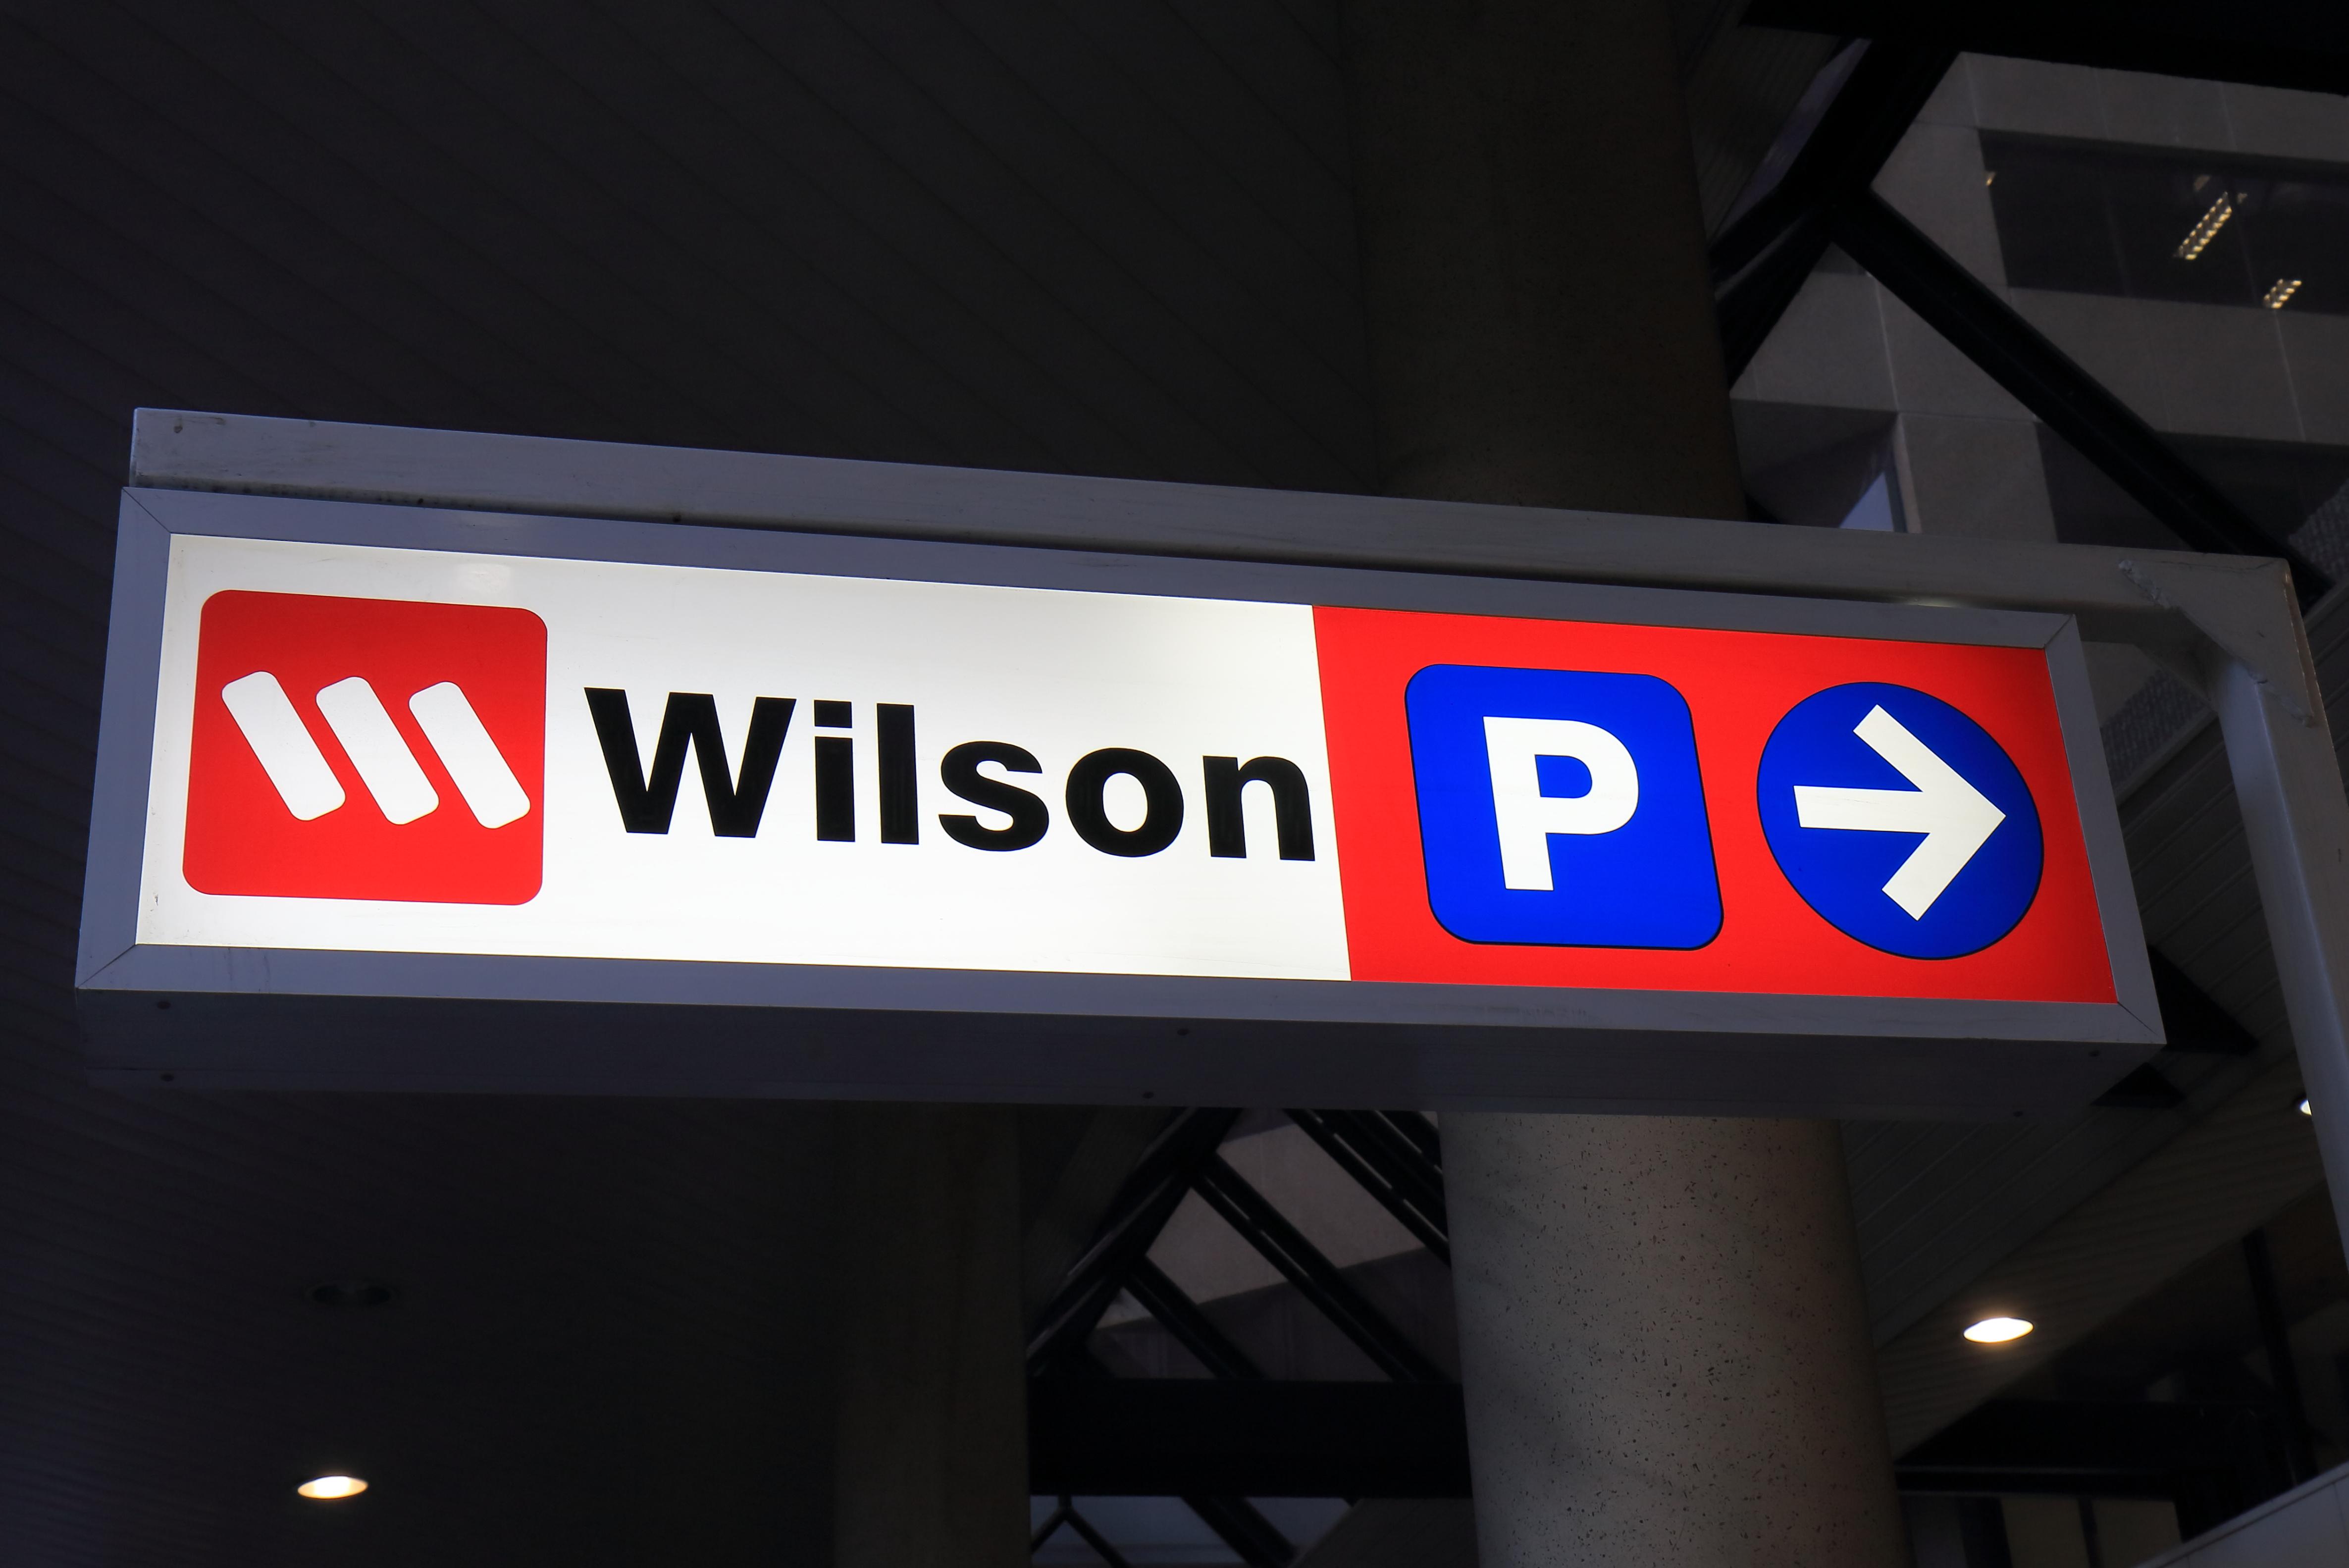 Major parking chain confirms payment system crash